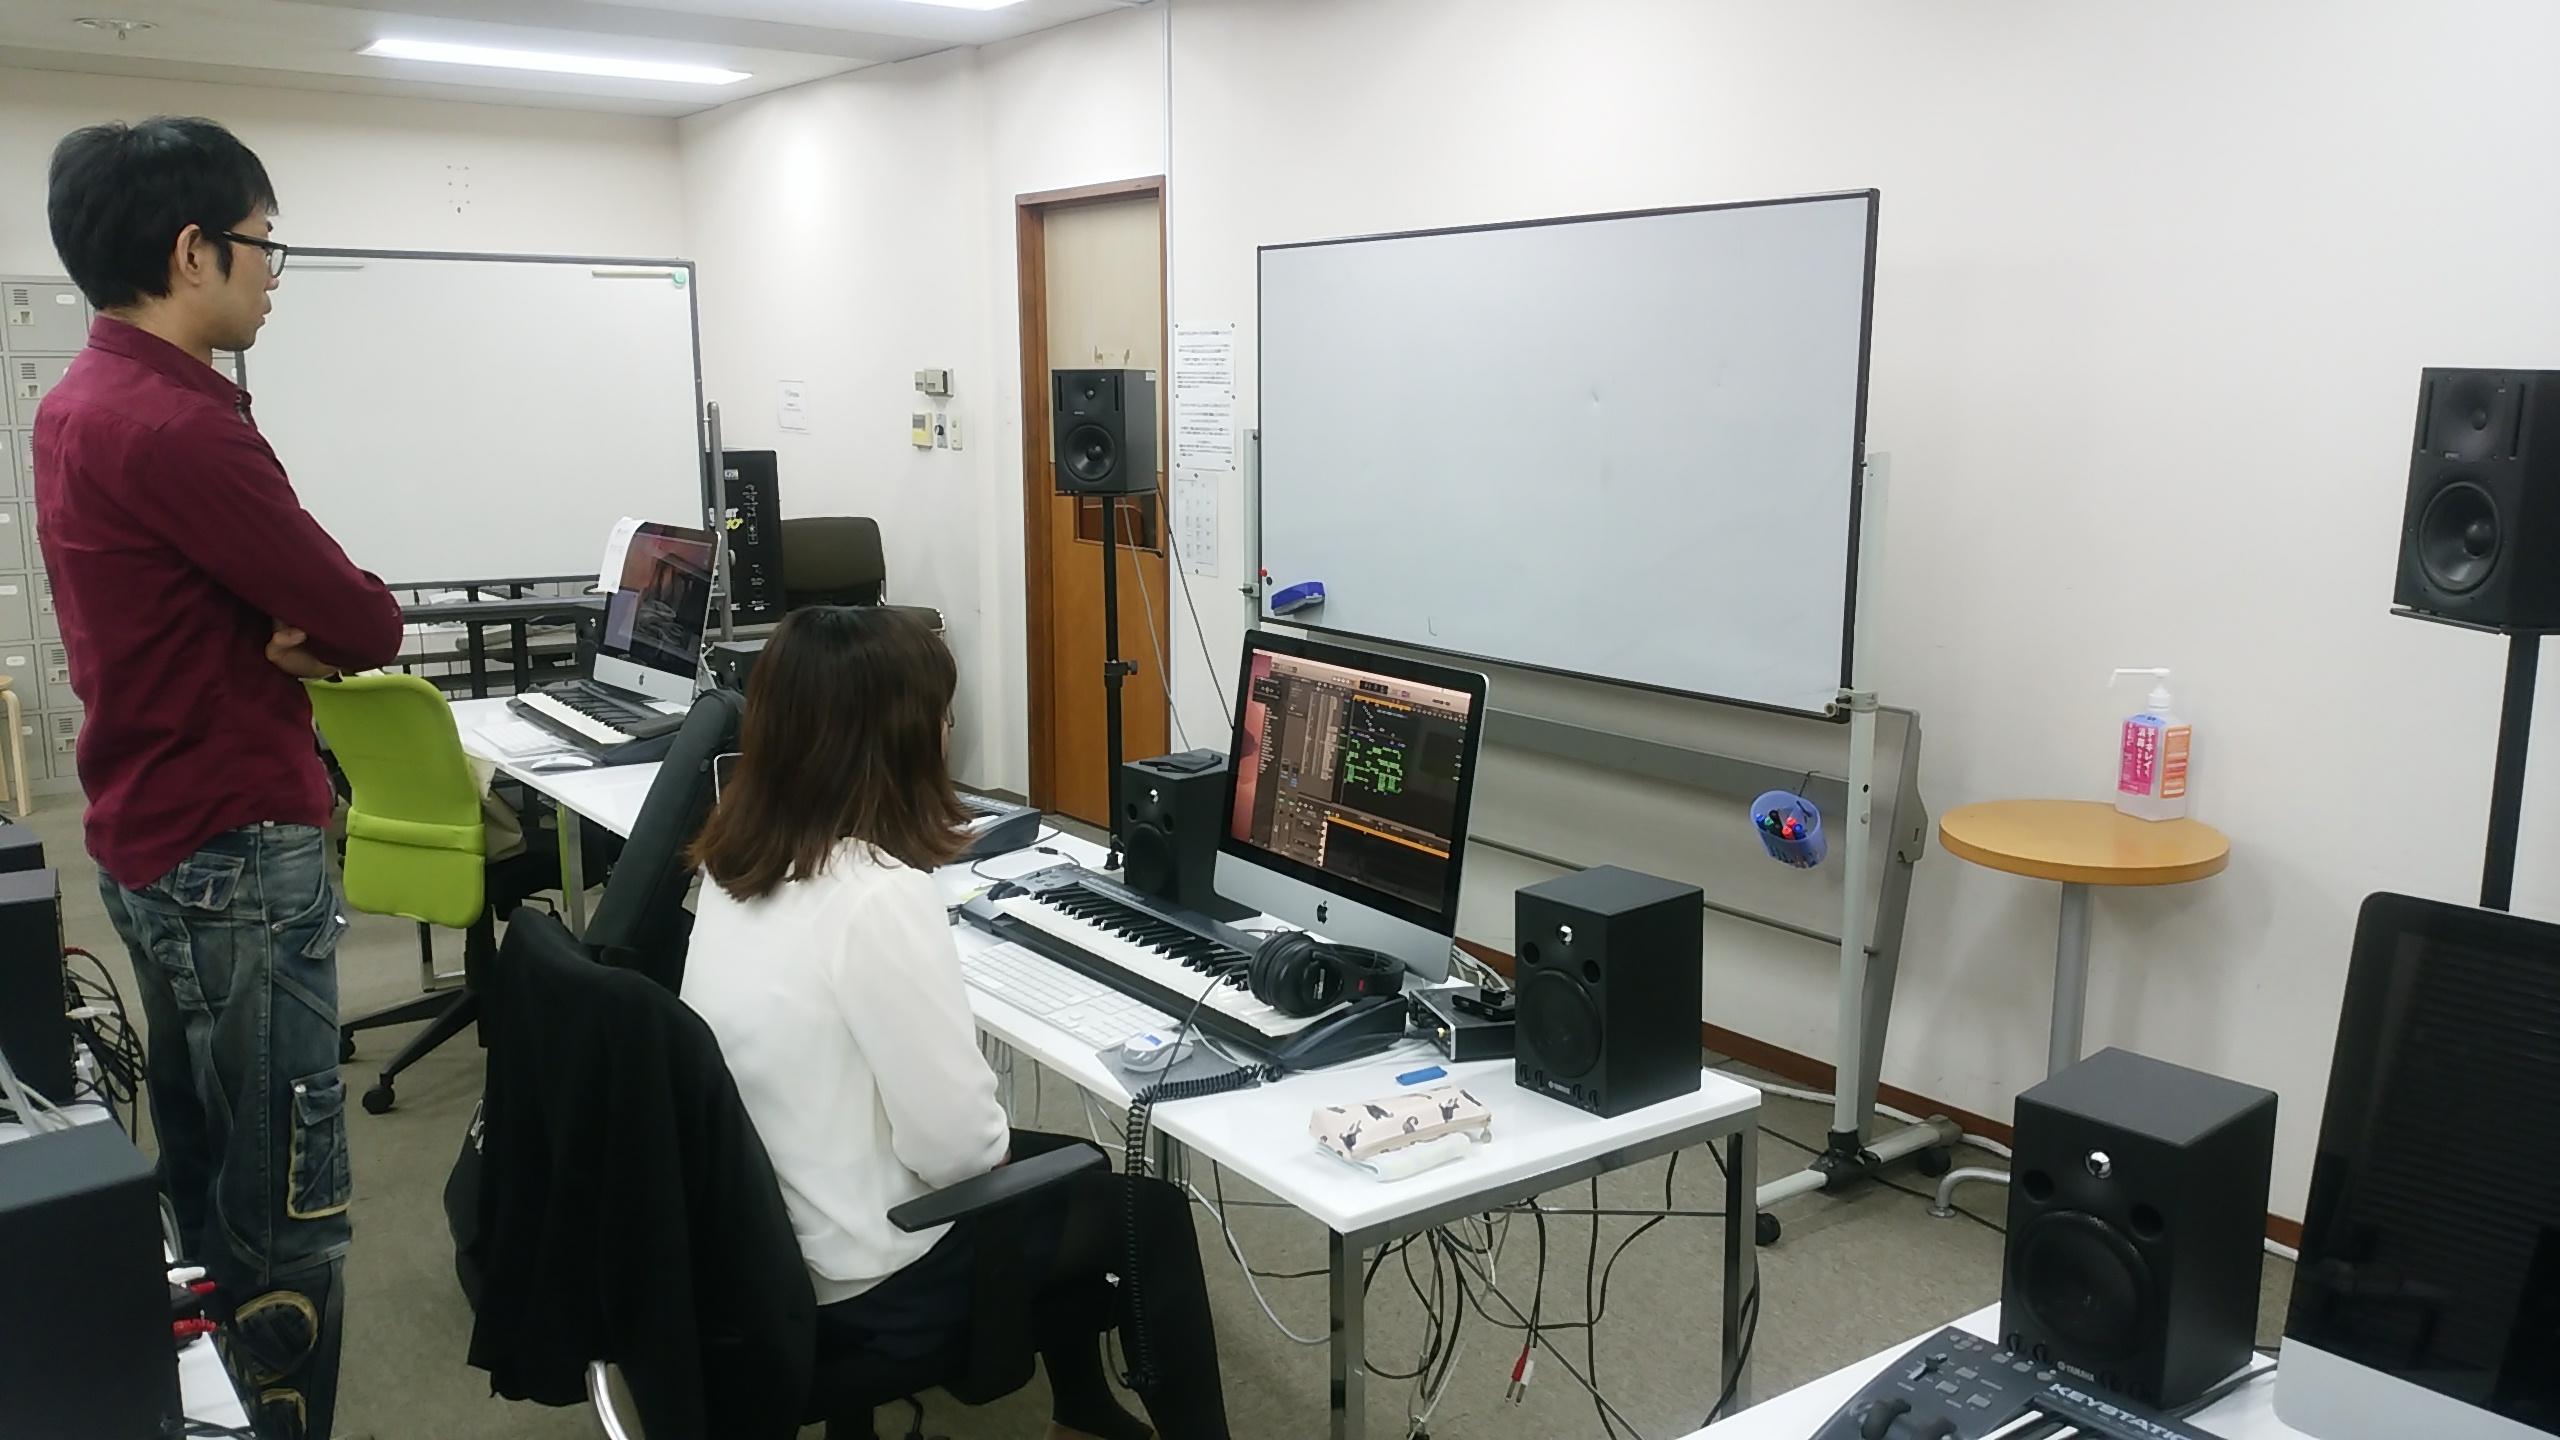 国立音楽院のDTM教室・コンピュータミュージック内で作曲ソフトLogicで自作曲を再生する学生と、それをチェックするDTM講師の福島先生。